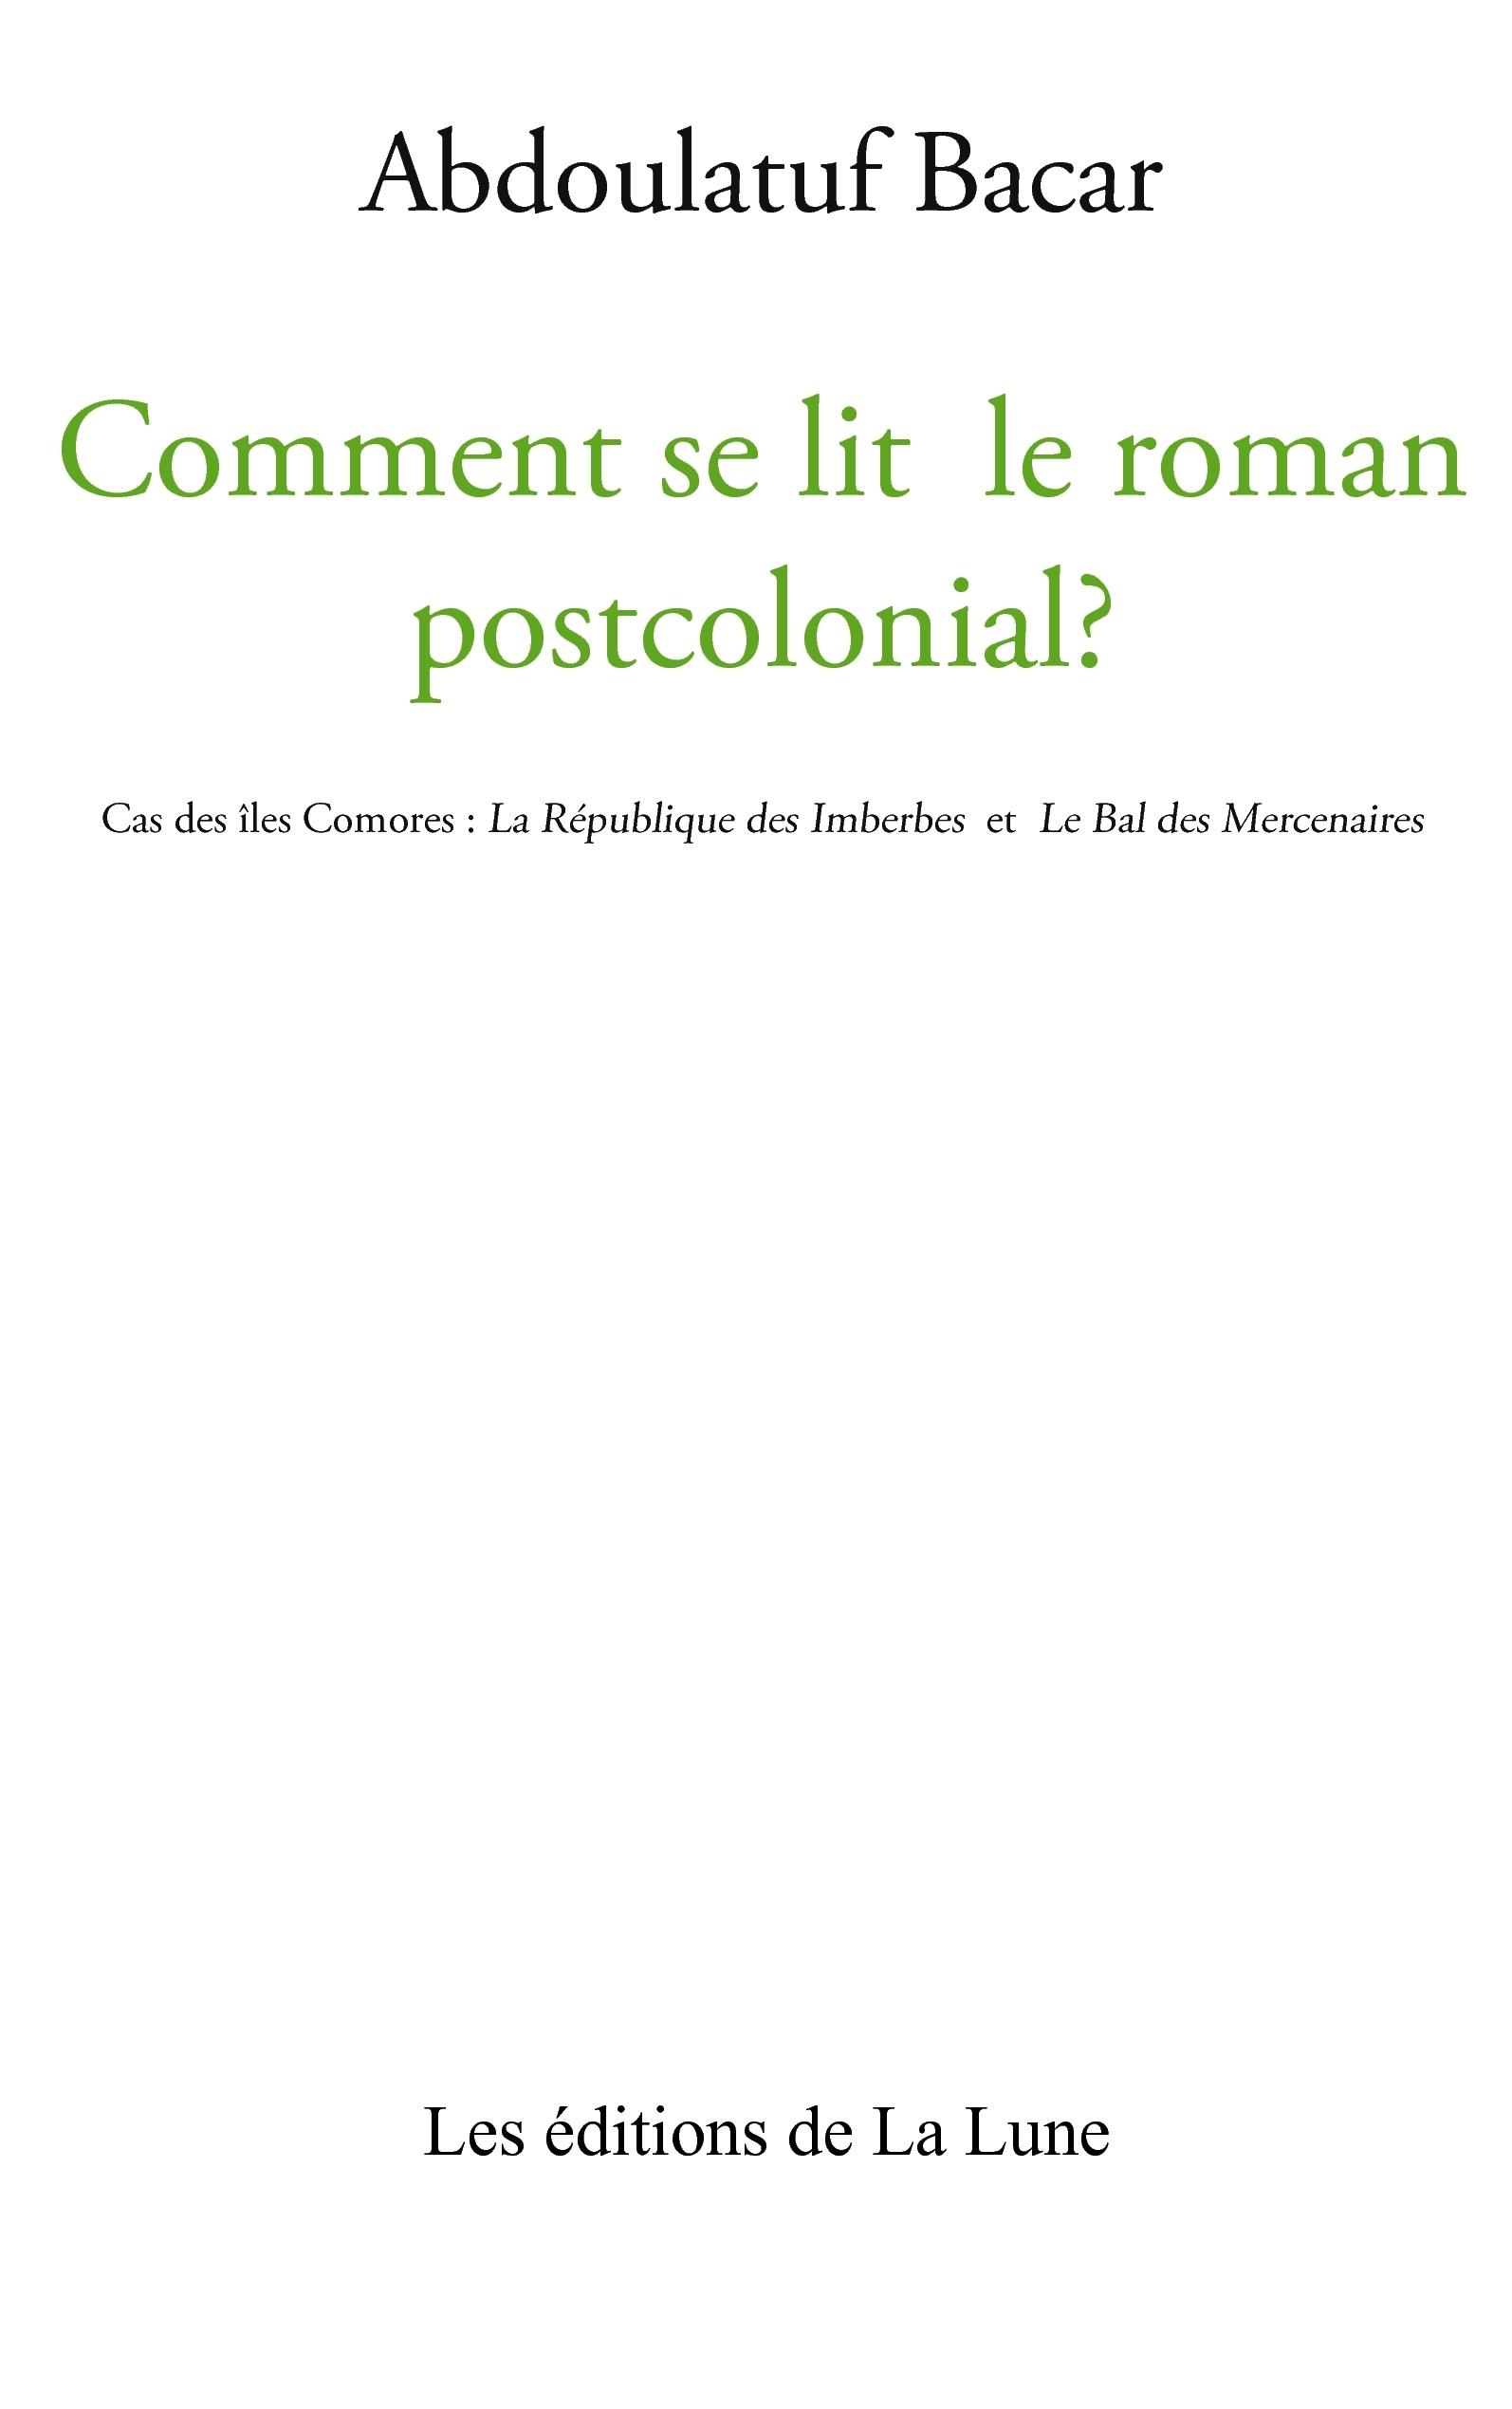 COMMENT SE LIT LE ROMAN POSTCOLONIAL ?